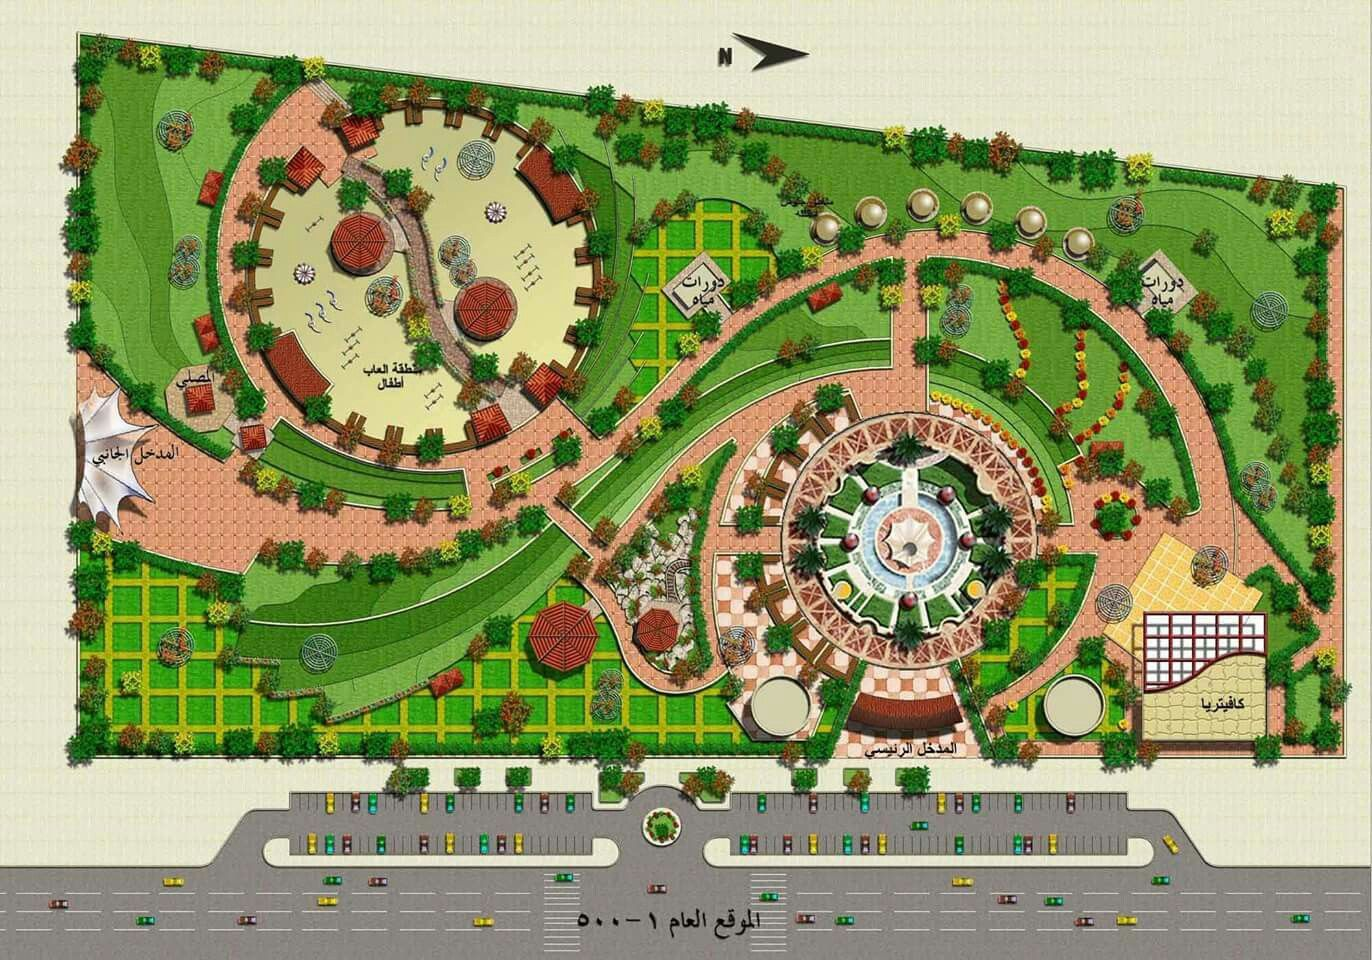 Landscape Design Ideas Peyzaj Mimarisi Tasarimlari Peyzaj Cizimleri Peyzaj Tasarimi